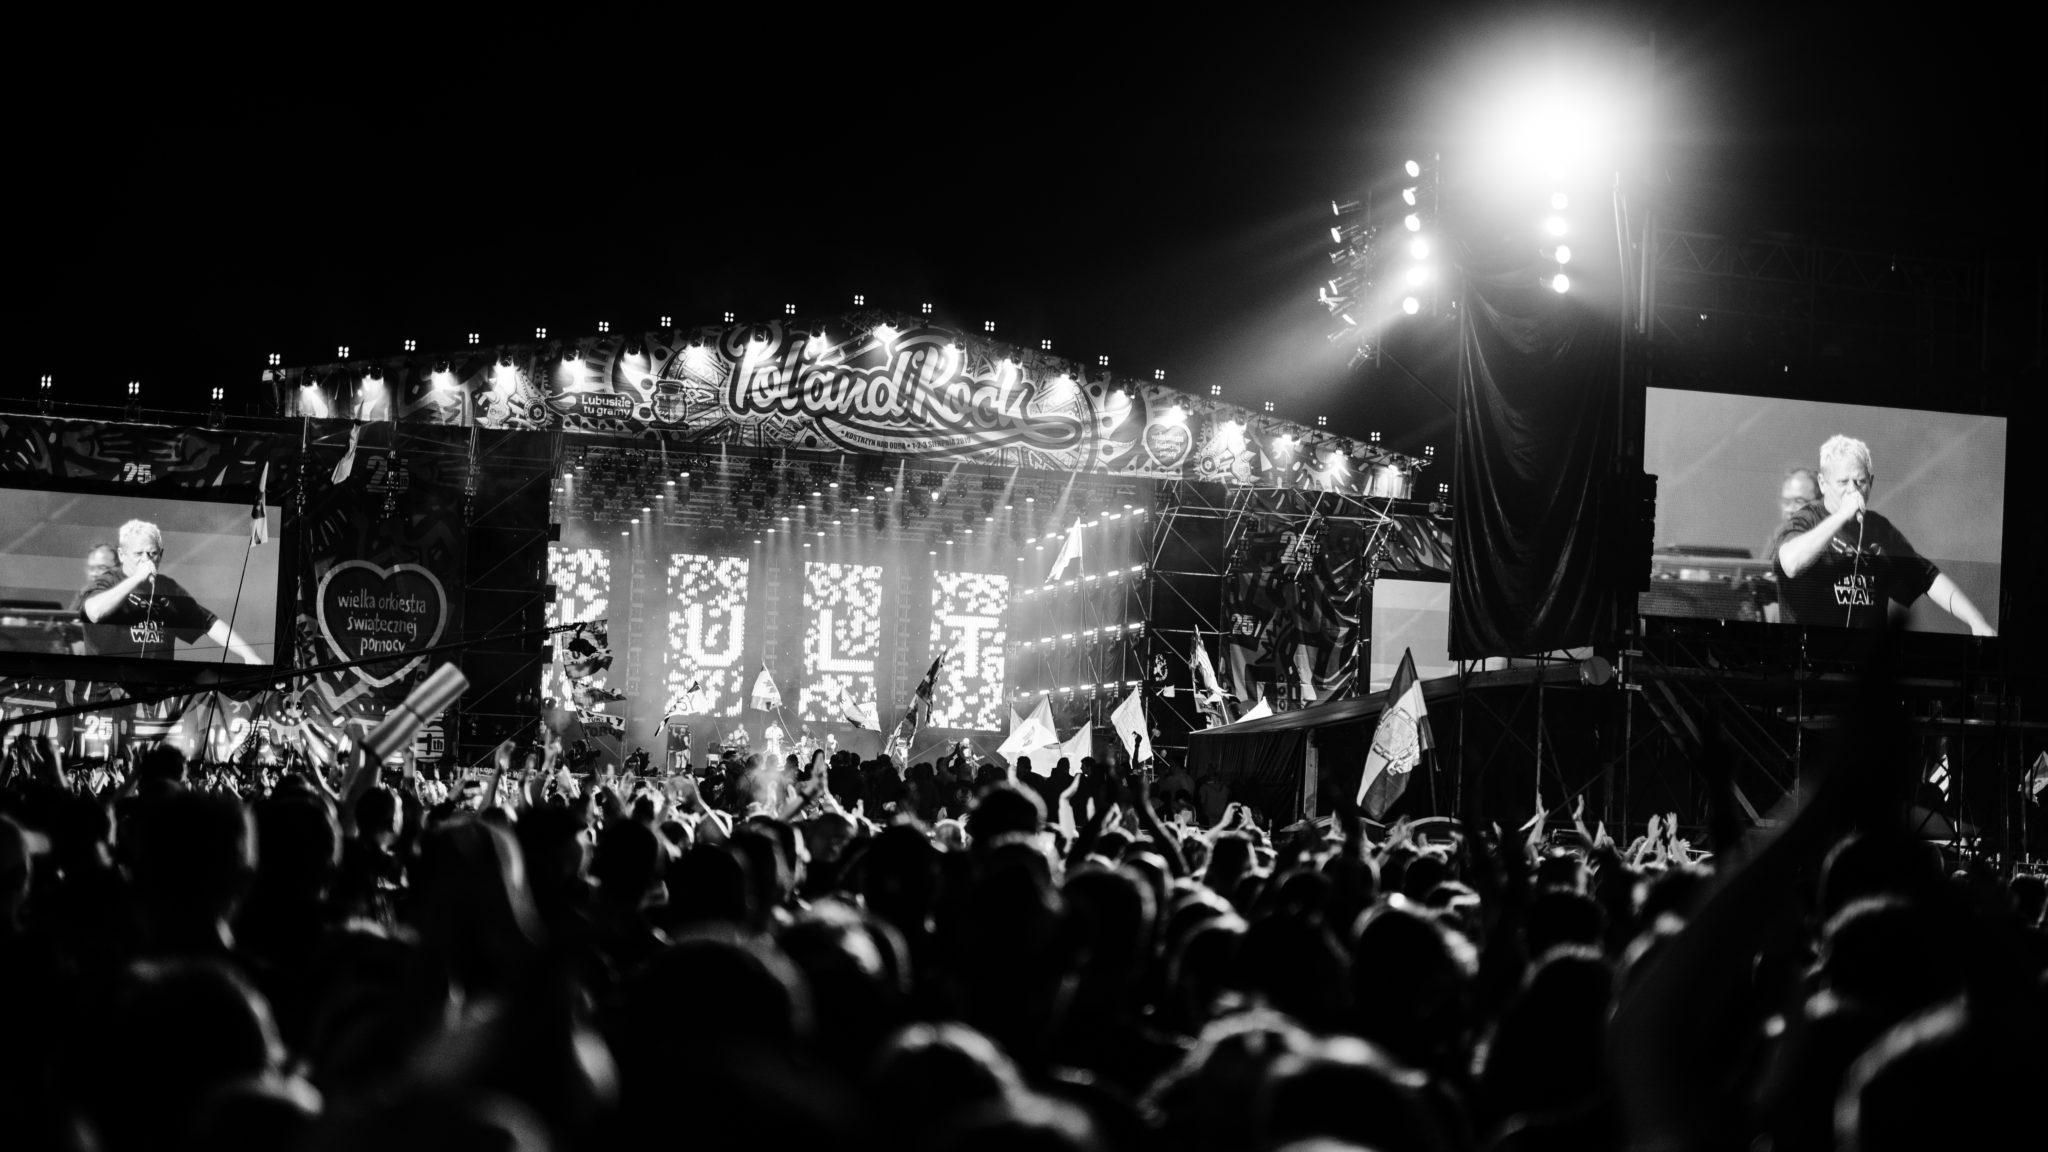 Zdjęcie koncertu zespołu Kult, zrobione podczas PolandRock 2019.